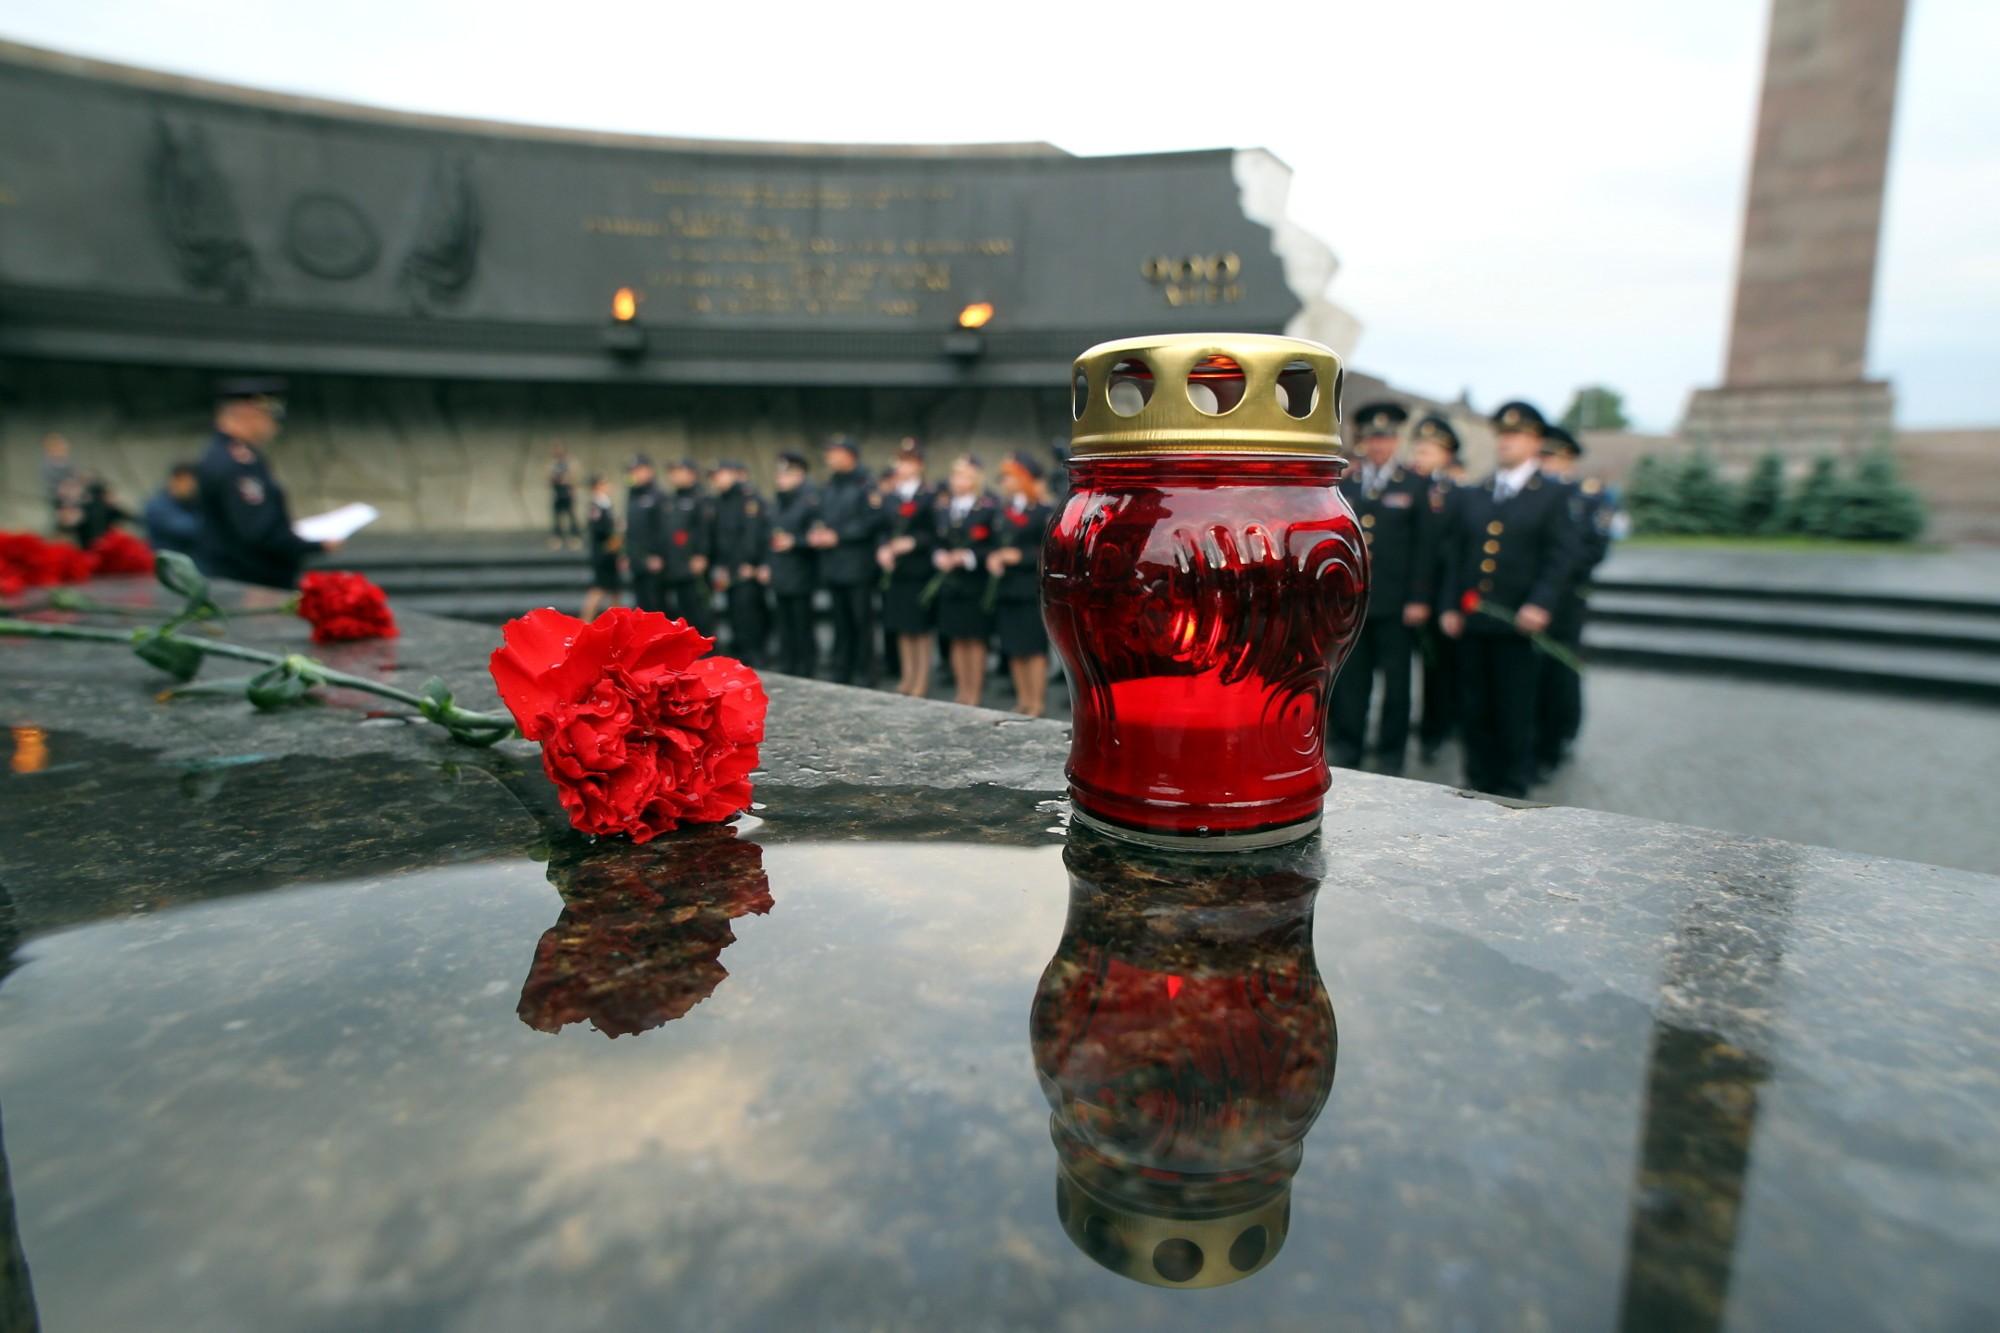 полиция ГУ МВД день памяти и скорби монумент героическим защитникам Ленинграда площадь Победы